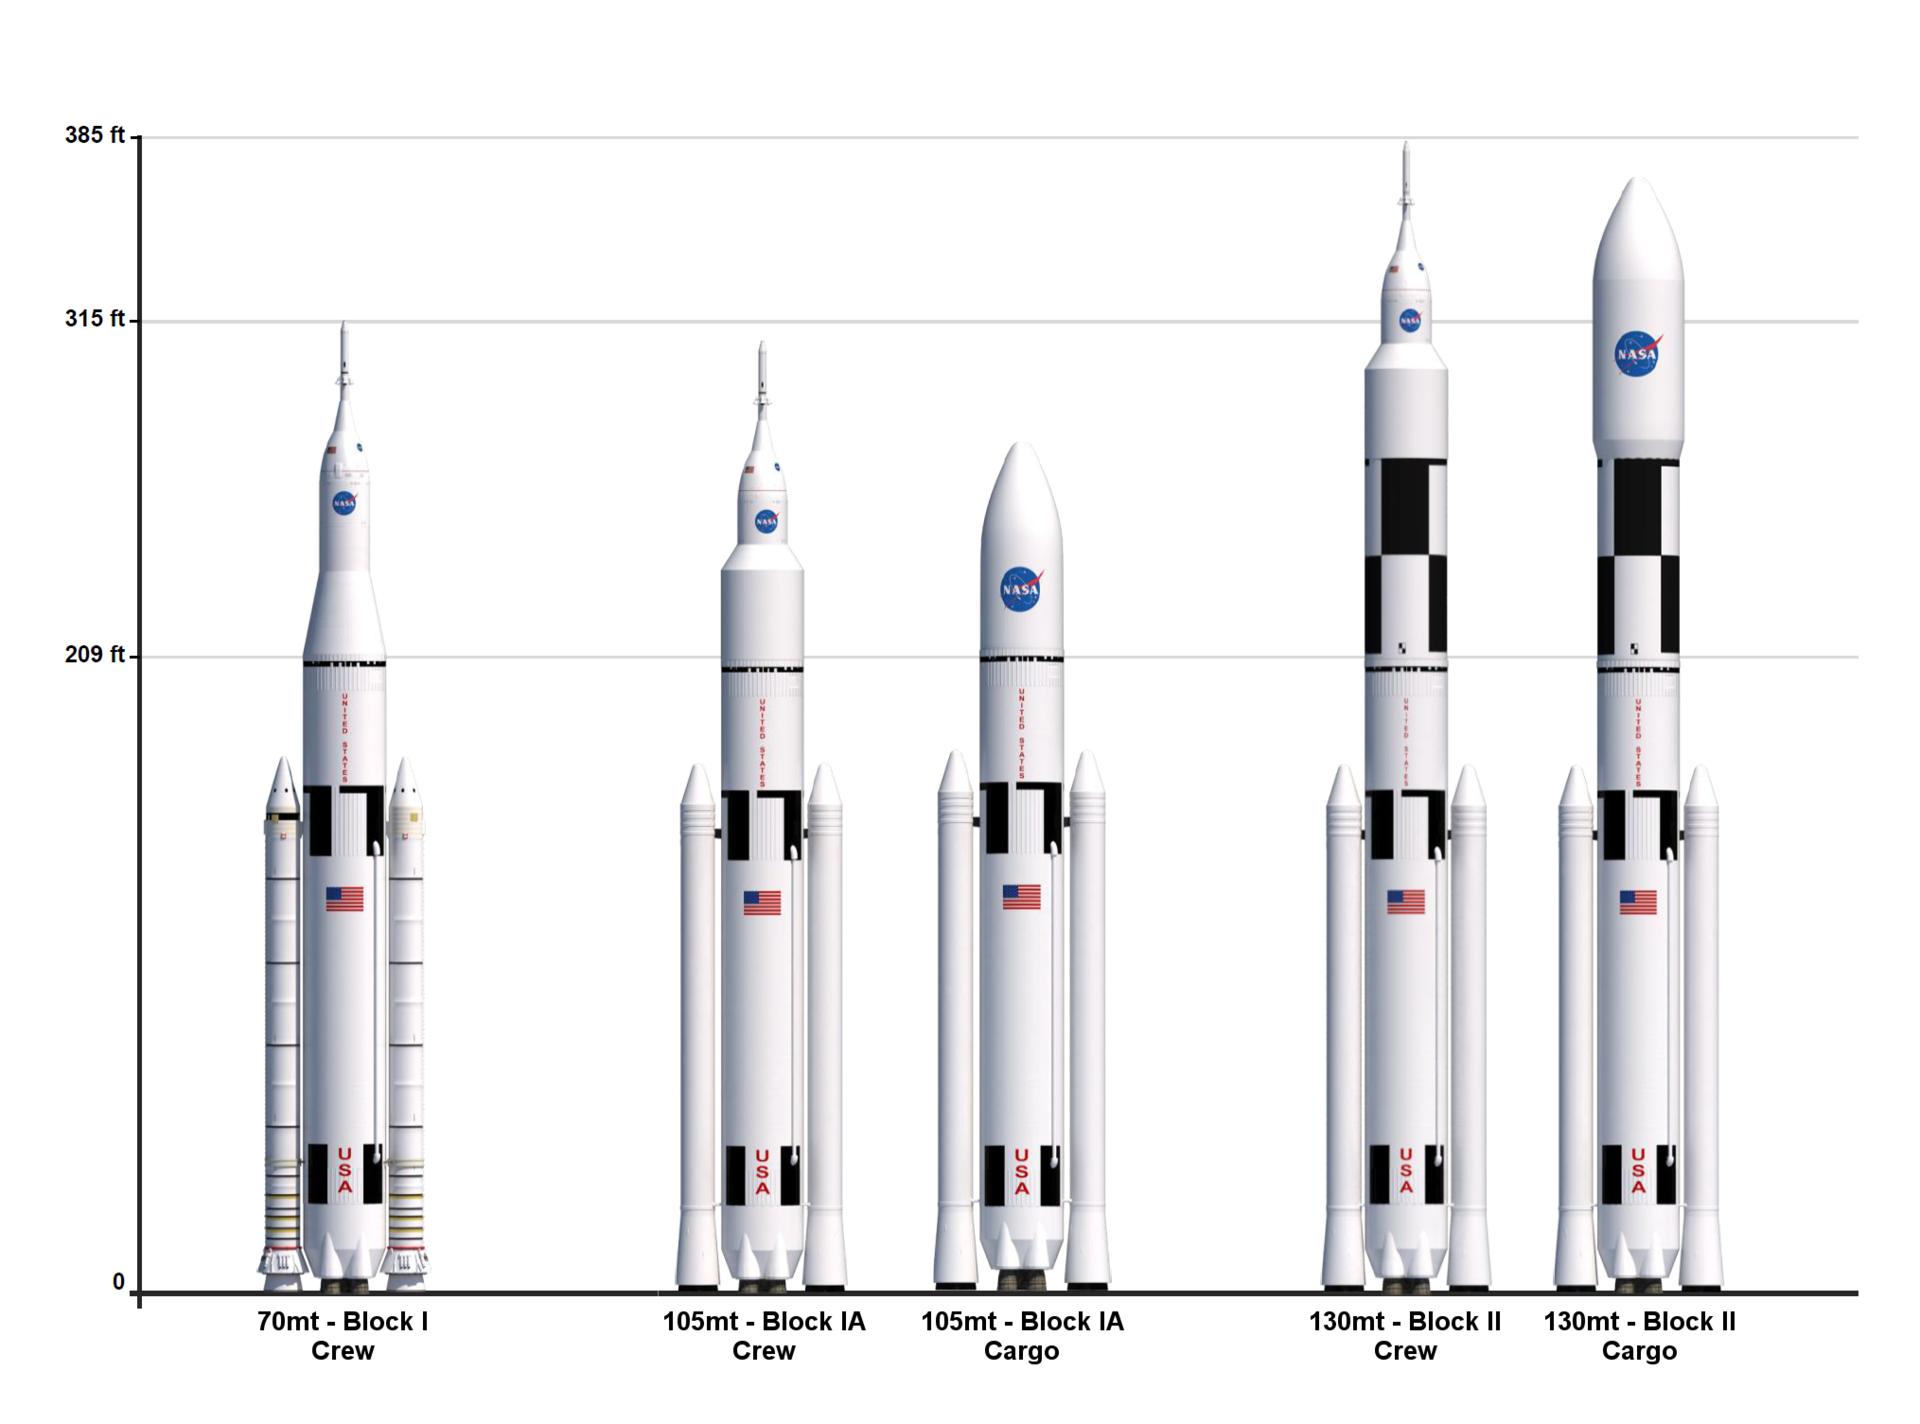 НАСА и история непостоянства задач агентства - 8